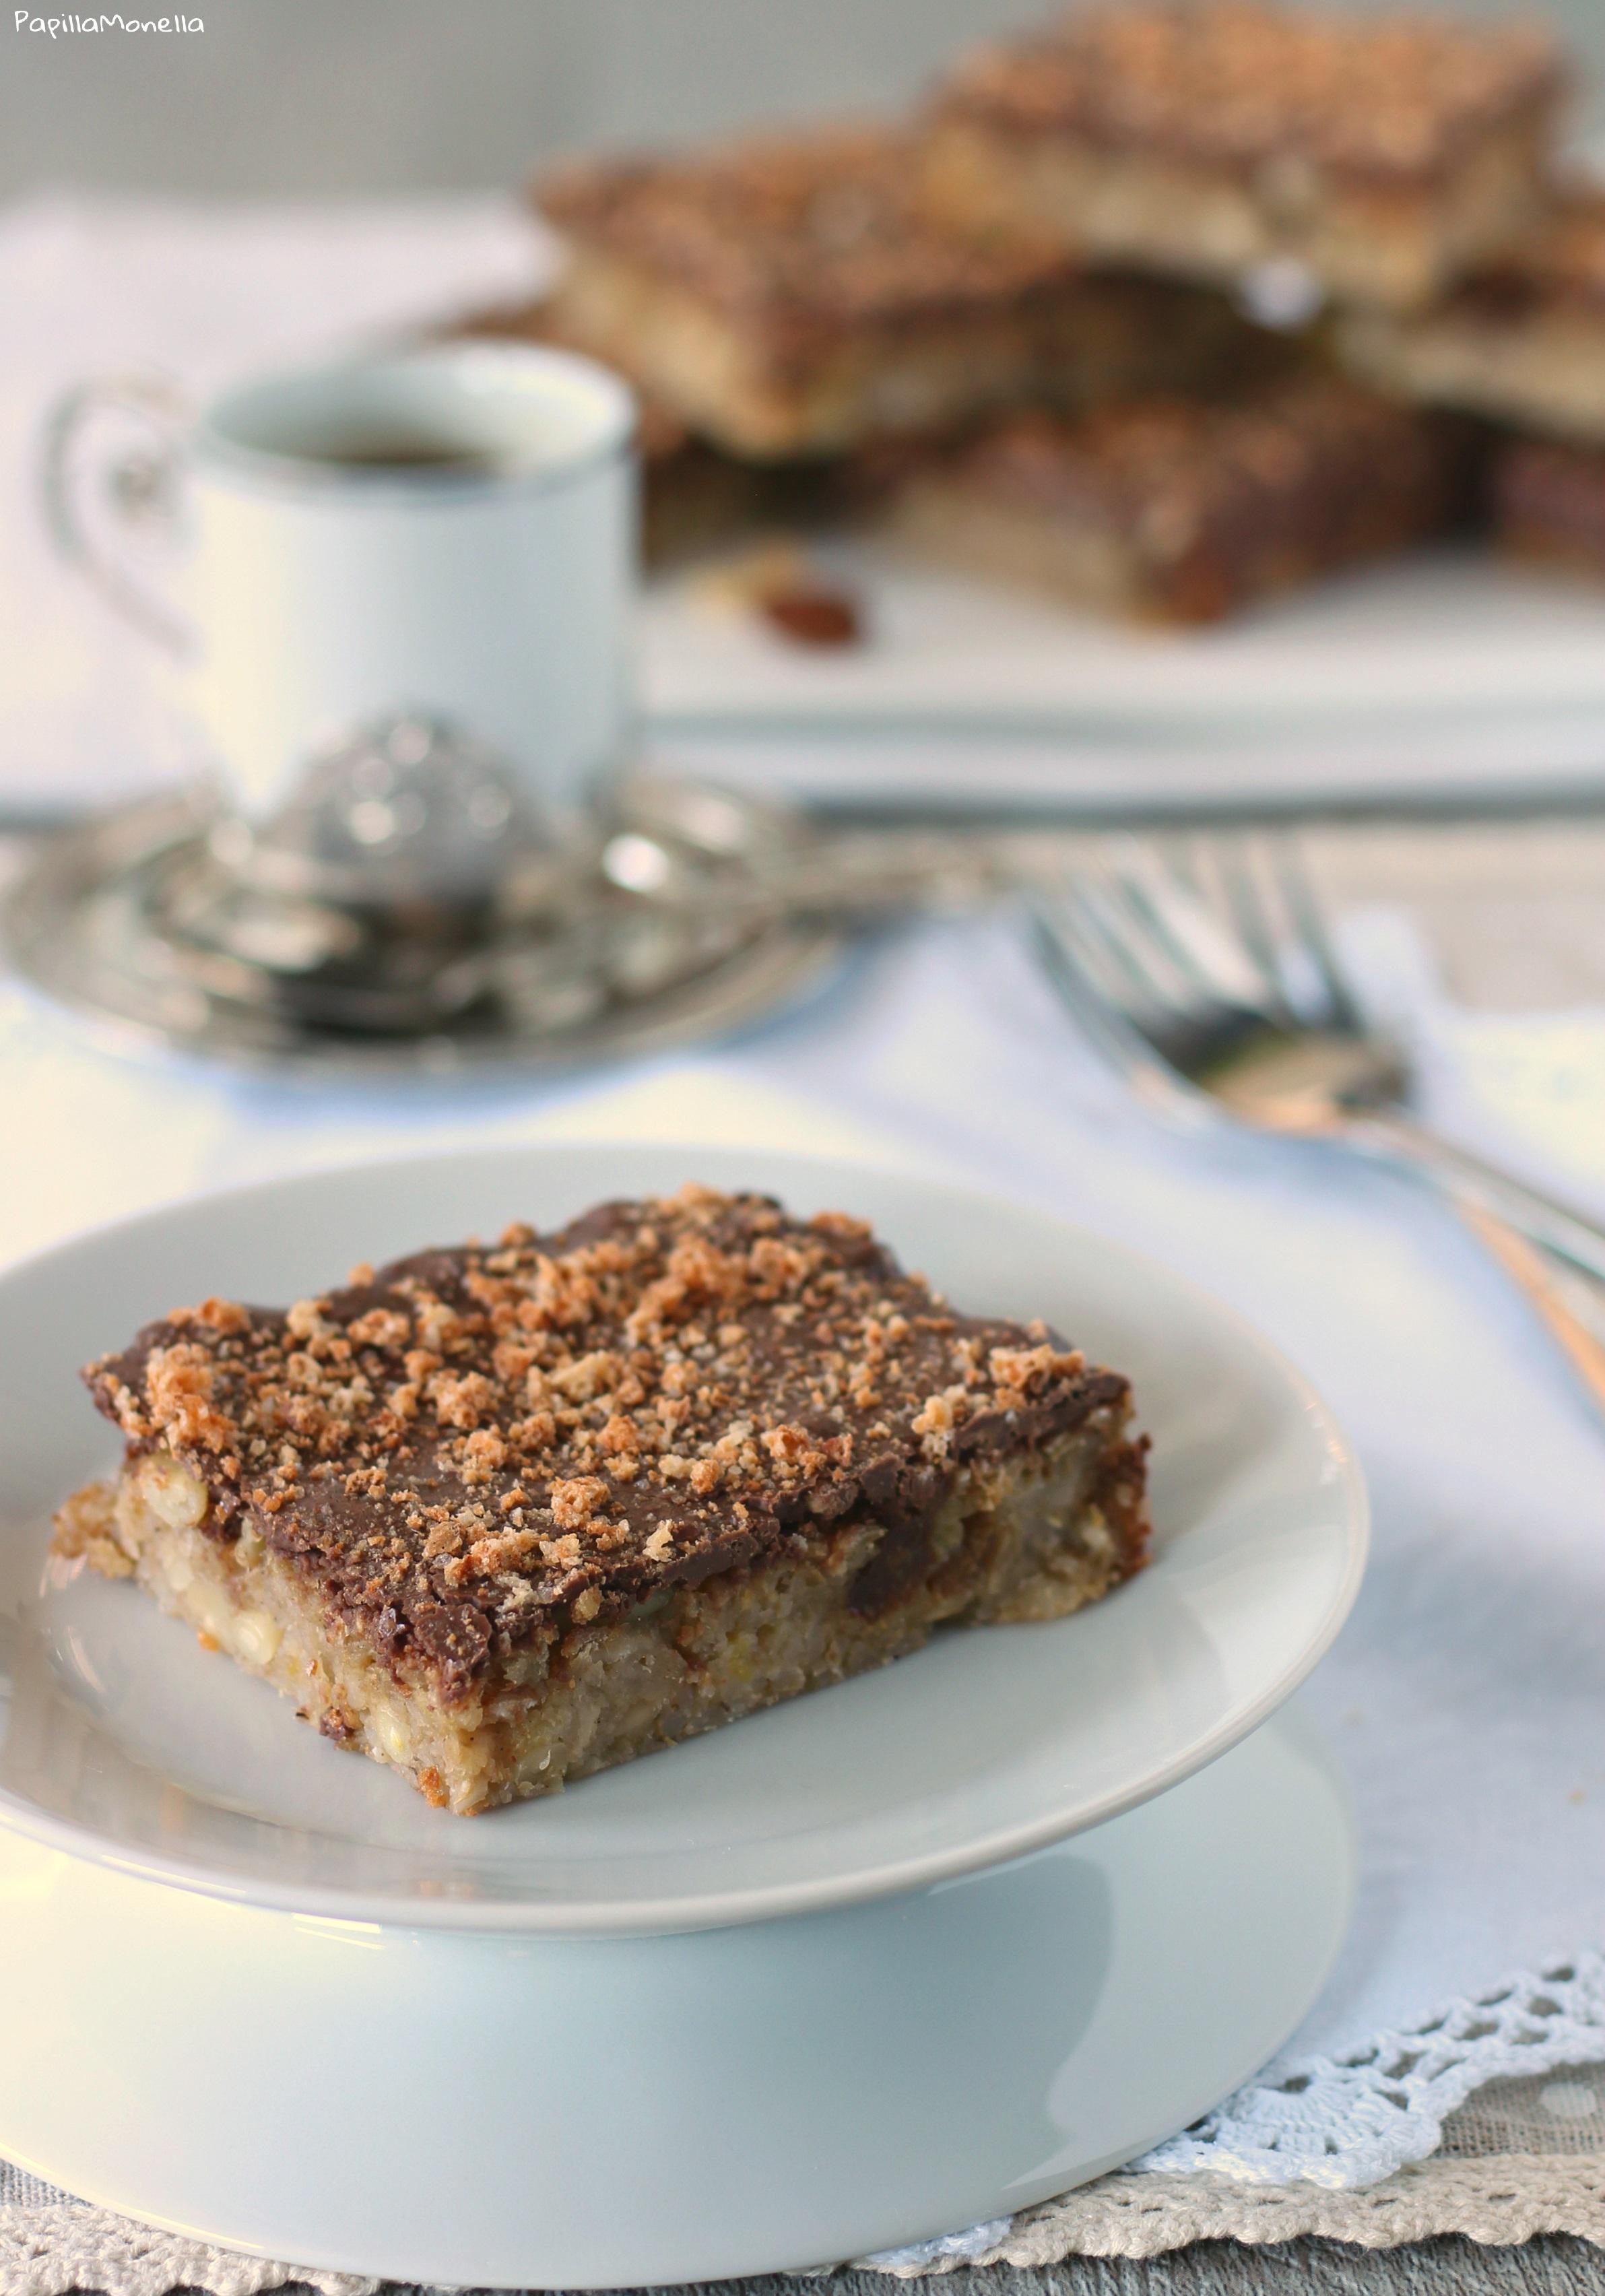 Quadrotti orzo mela e cioccolato senza grassi ricetta facile